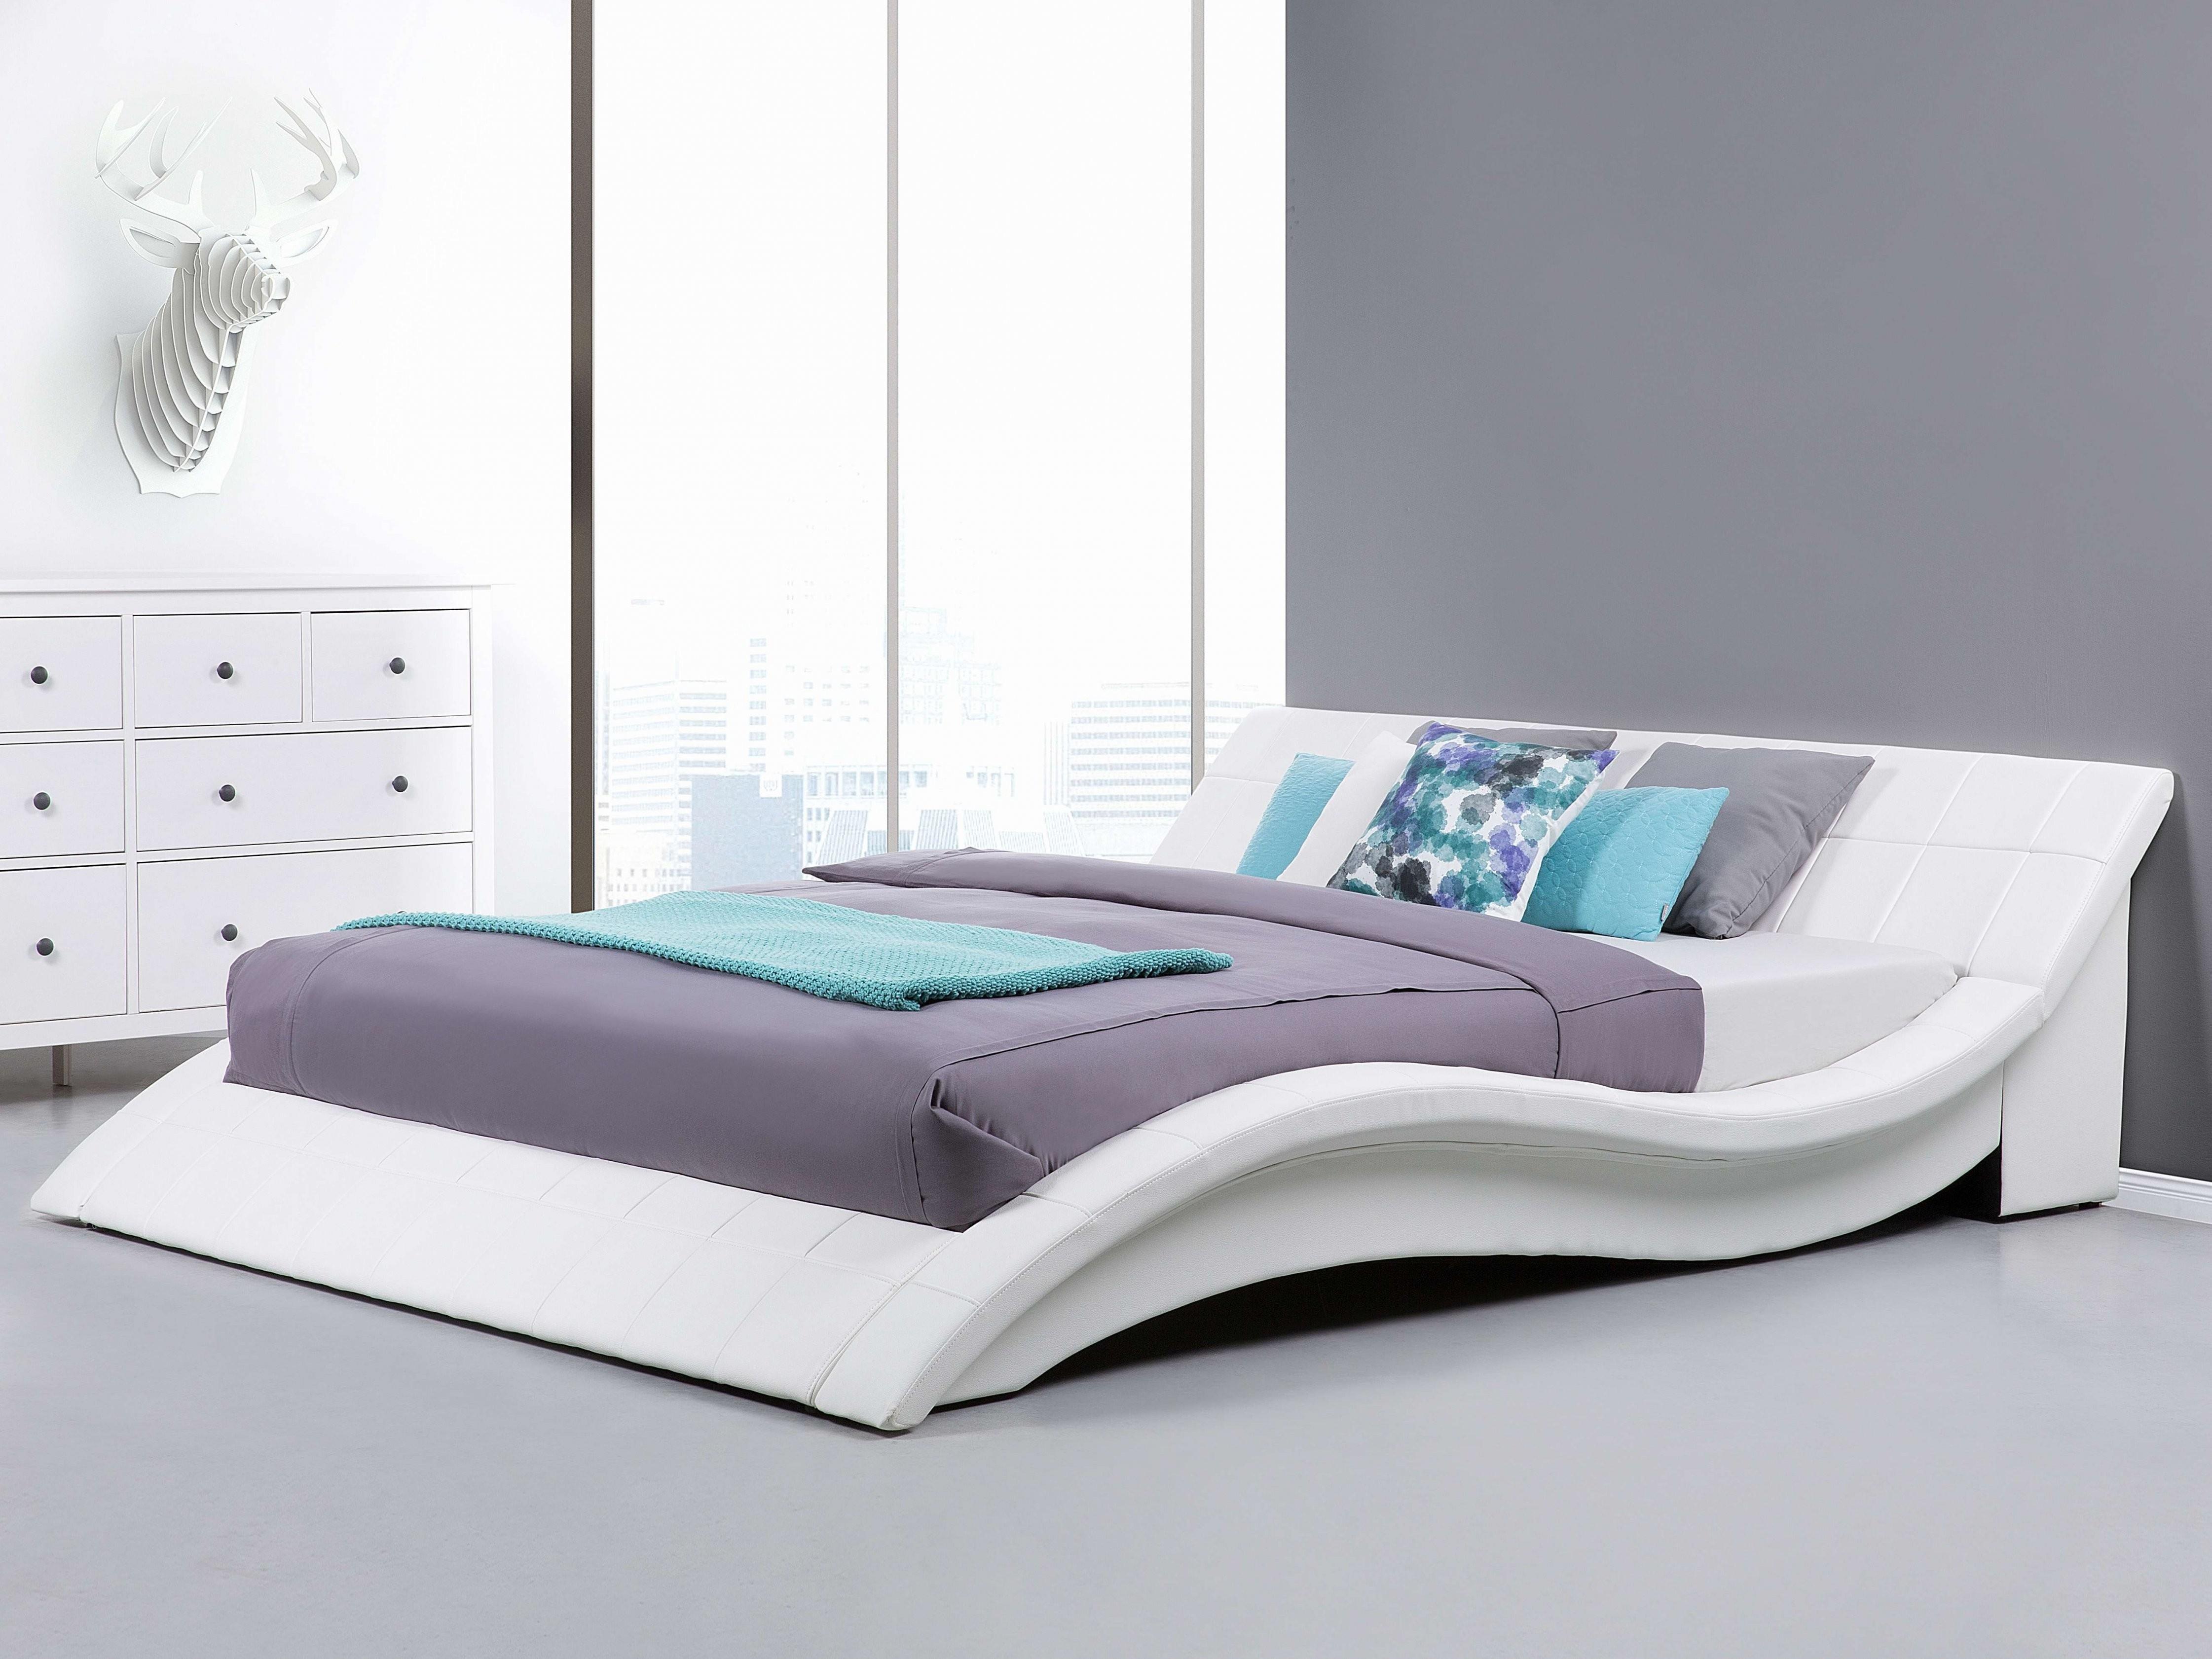 Klappbett 140×200 Ikea Neu Bett 140×200 Mit Matratze Und Lattenrost von Bett 140X200 Mit Matratze Und Lattenrost Ikea Bild